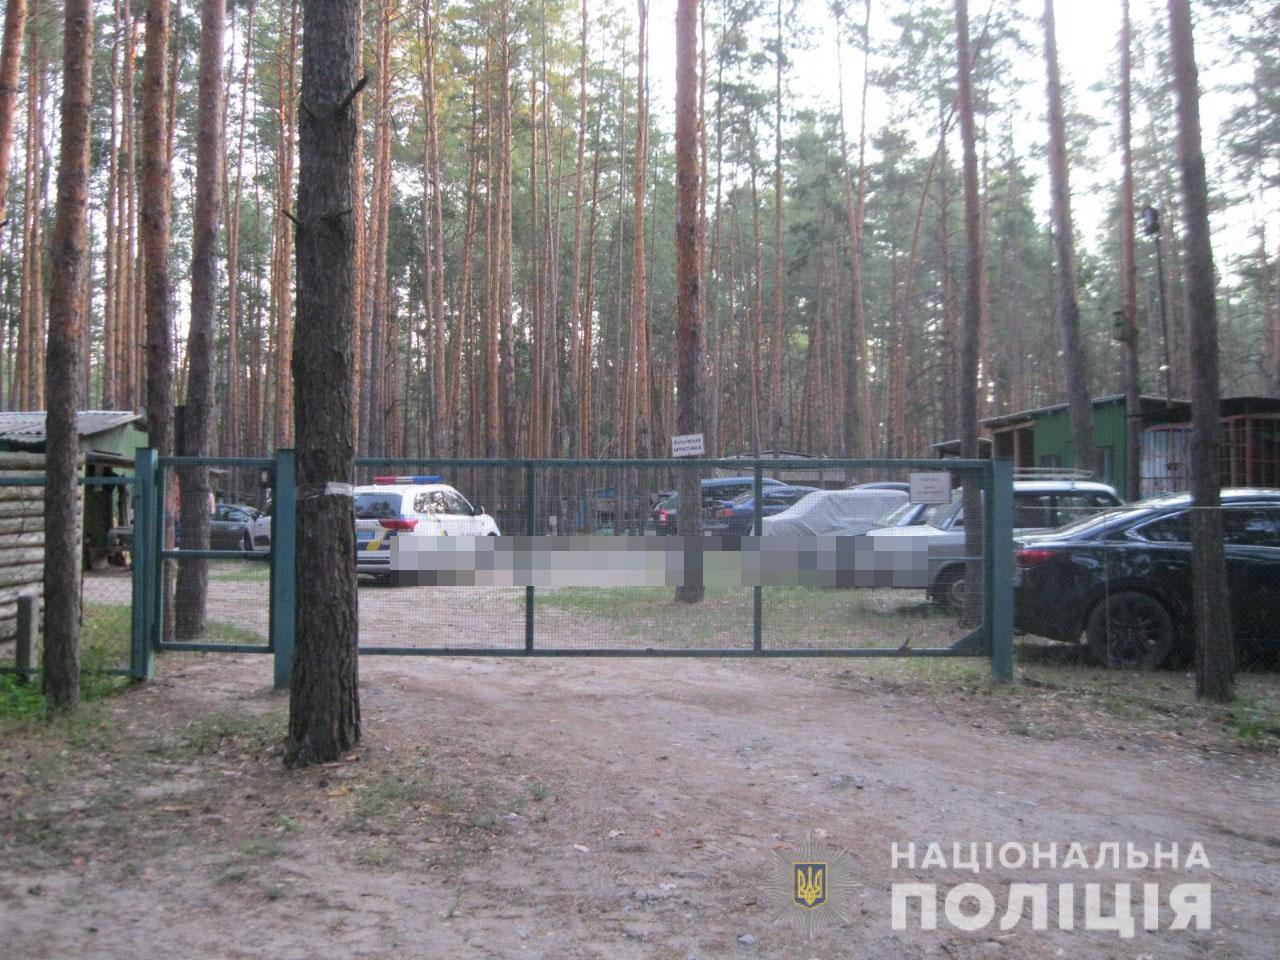 На базе отдыха в Харьковской области произошло покушение на убийство (фото)